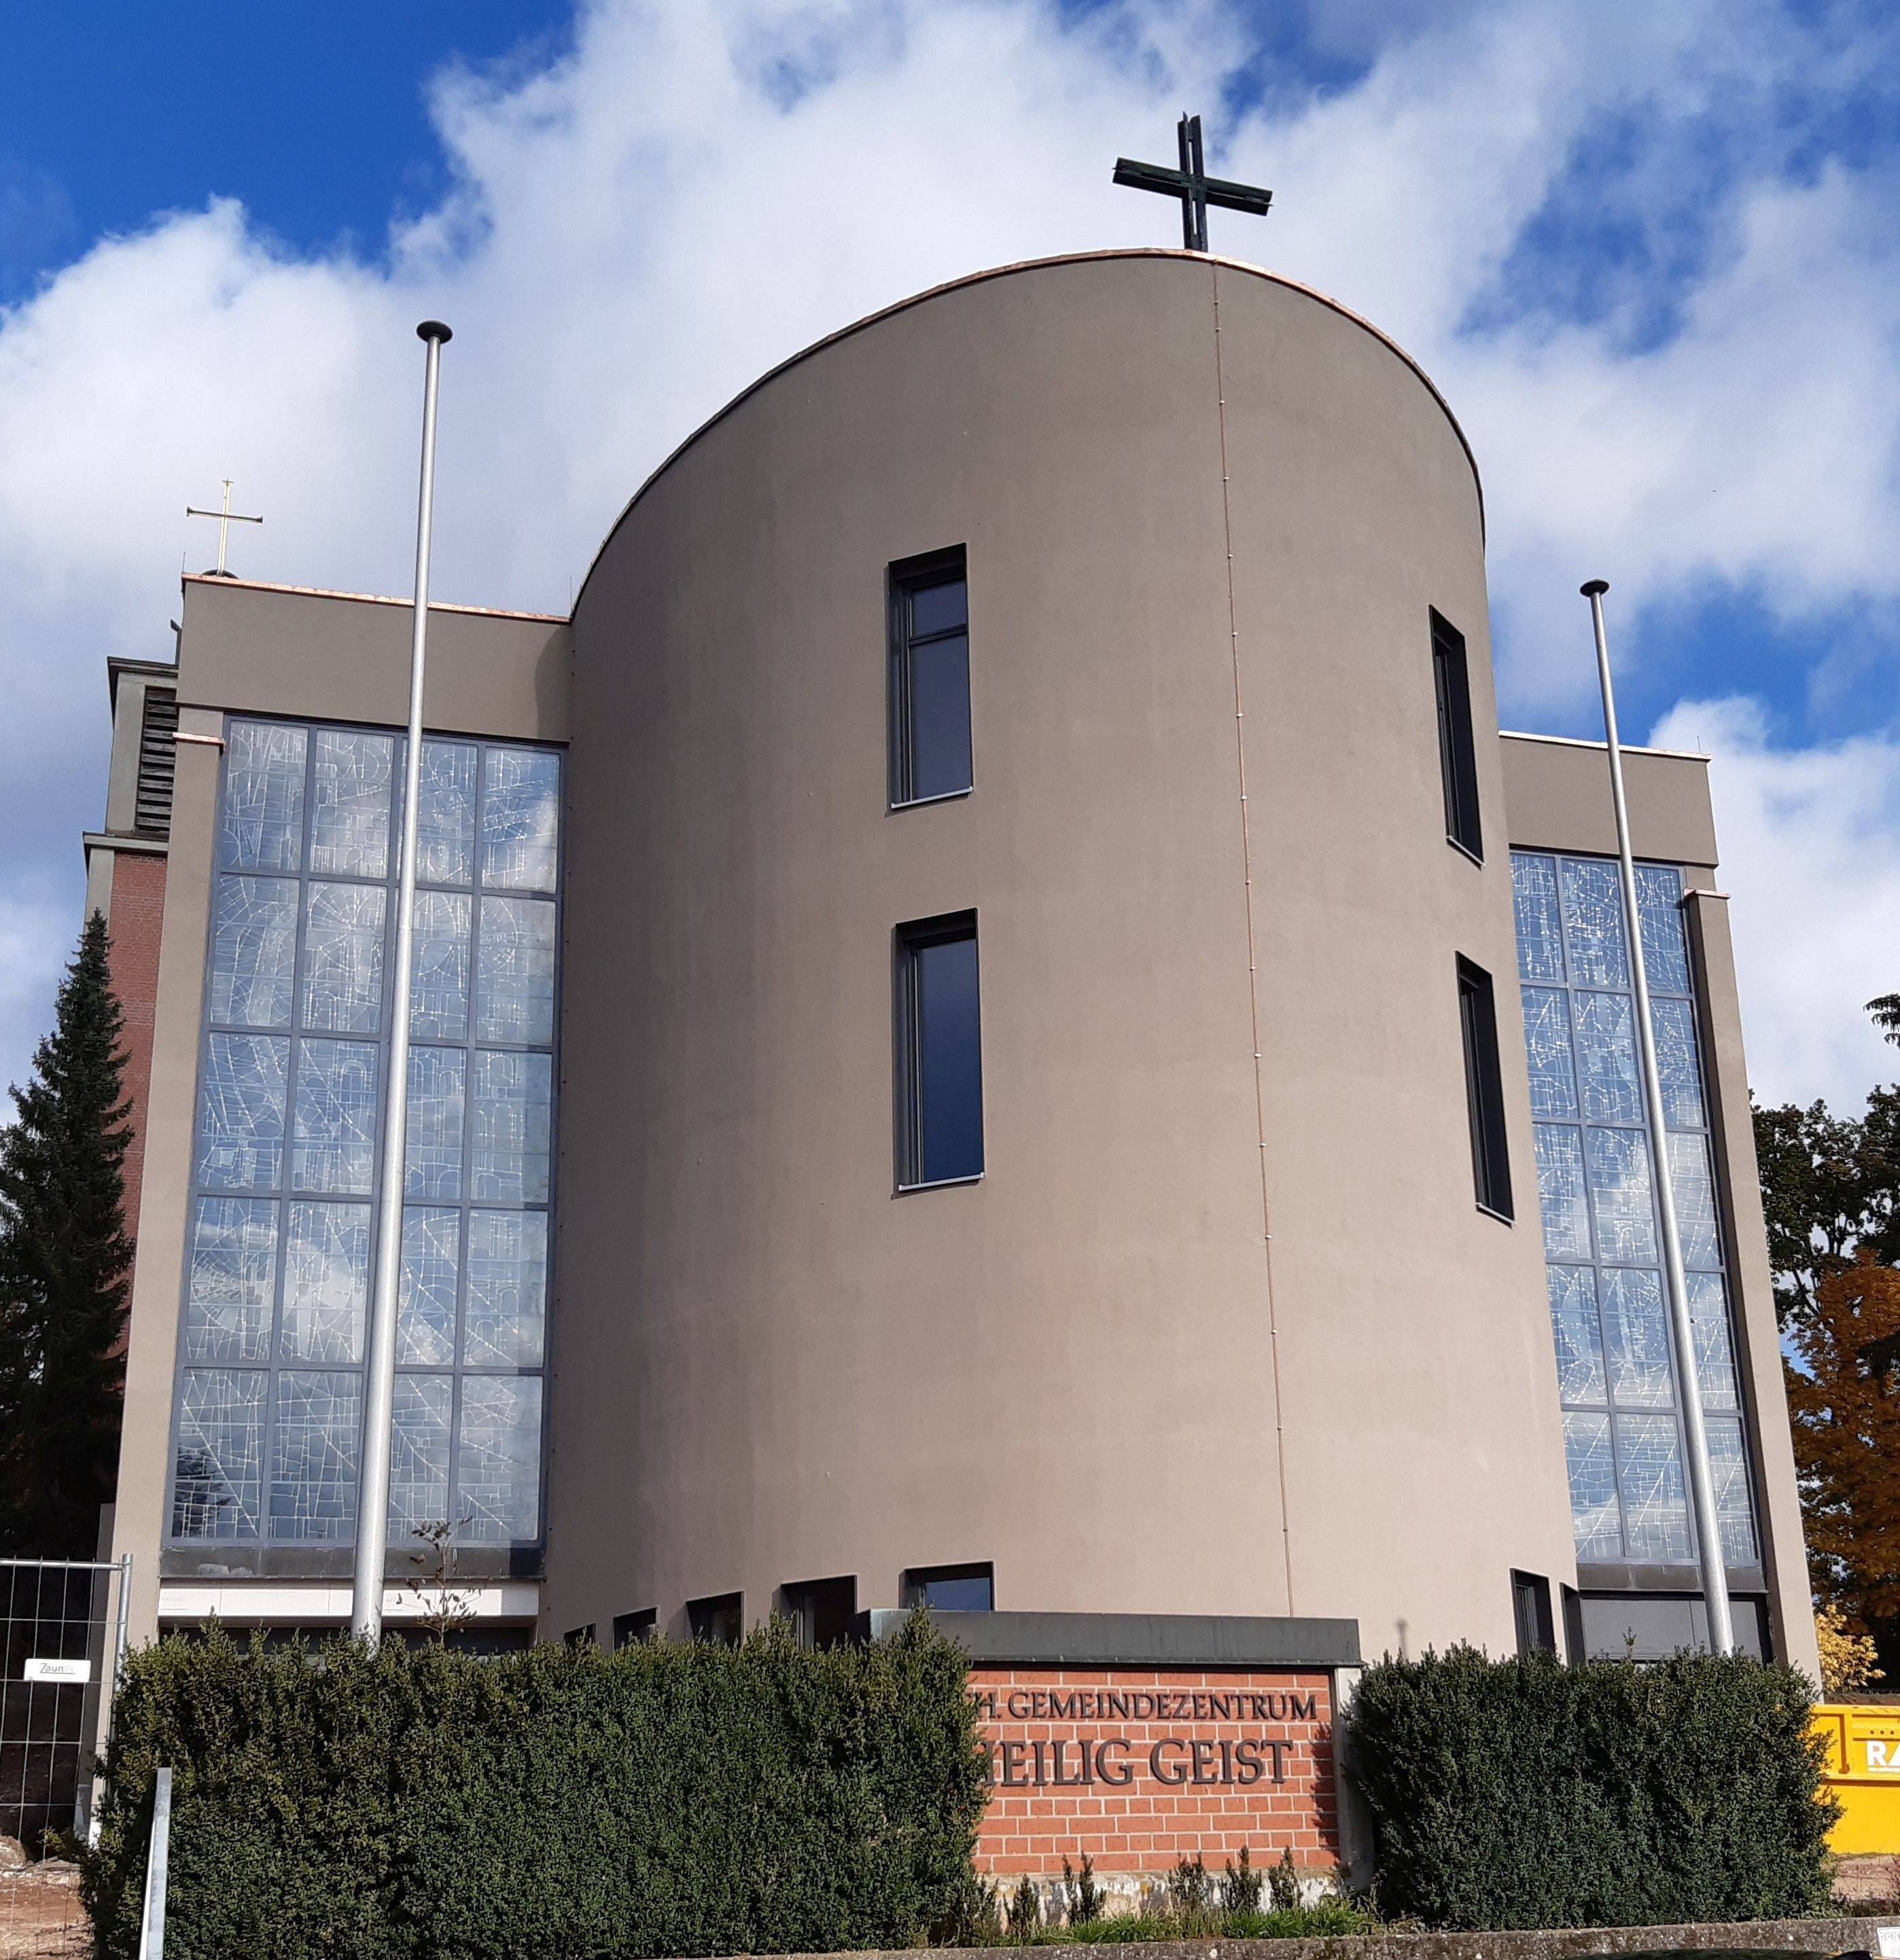 Eucharistiefeier Hl. Geist Veitsbronn, andere Uhrzeit!